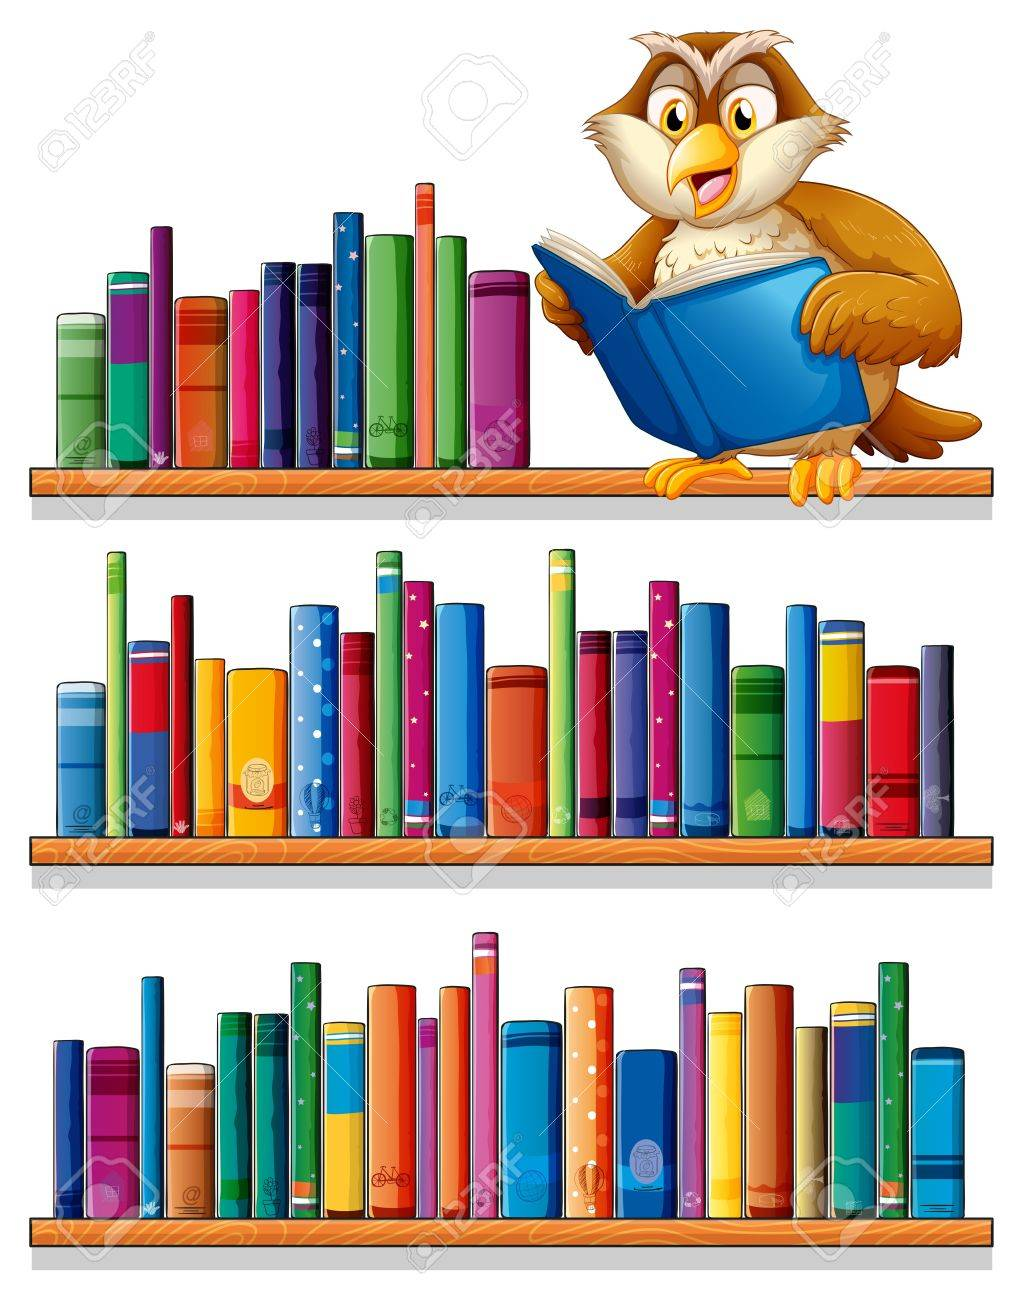 Bücherregal clipart  Illustration Einer Eule über Den Hölzernen Bücherregalen Mit Bücher ...